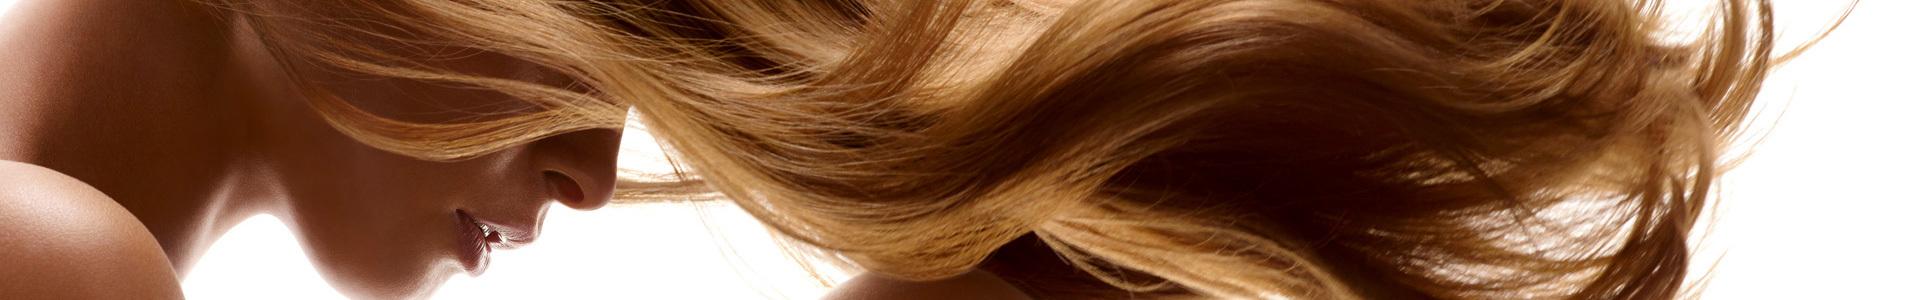 Unsere Friseur Leistungen im Überblick